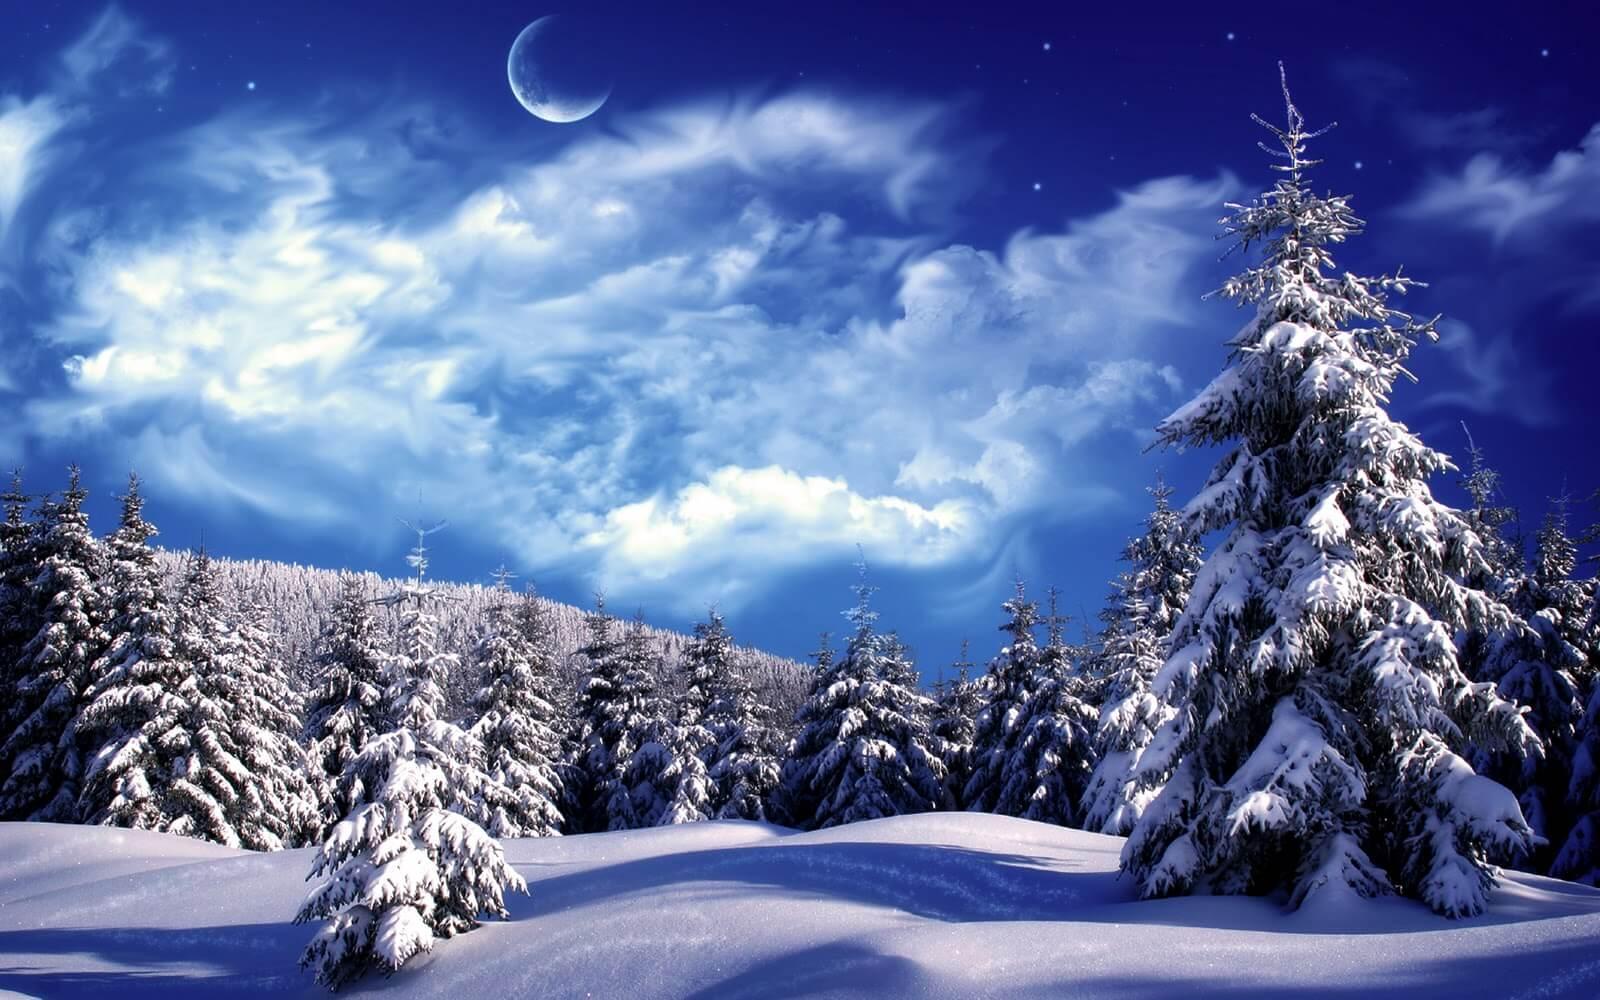 Зимнее настроение - фото и картинки красивые, приятные 4